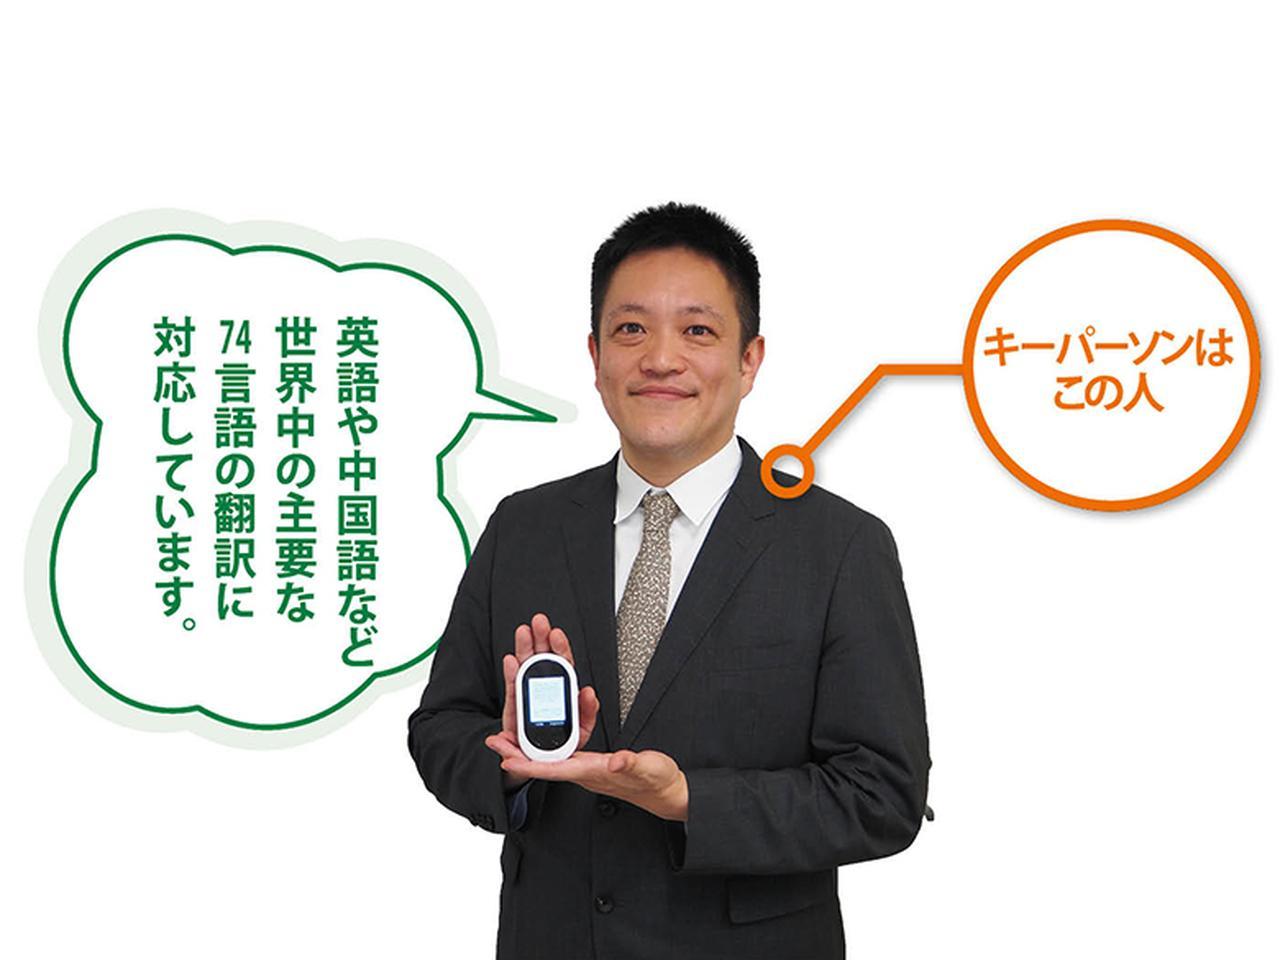 画像: ソースネクスト株式会社 執行役員 技術戦略室 川竹一さん